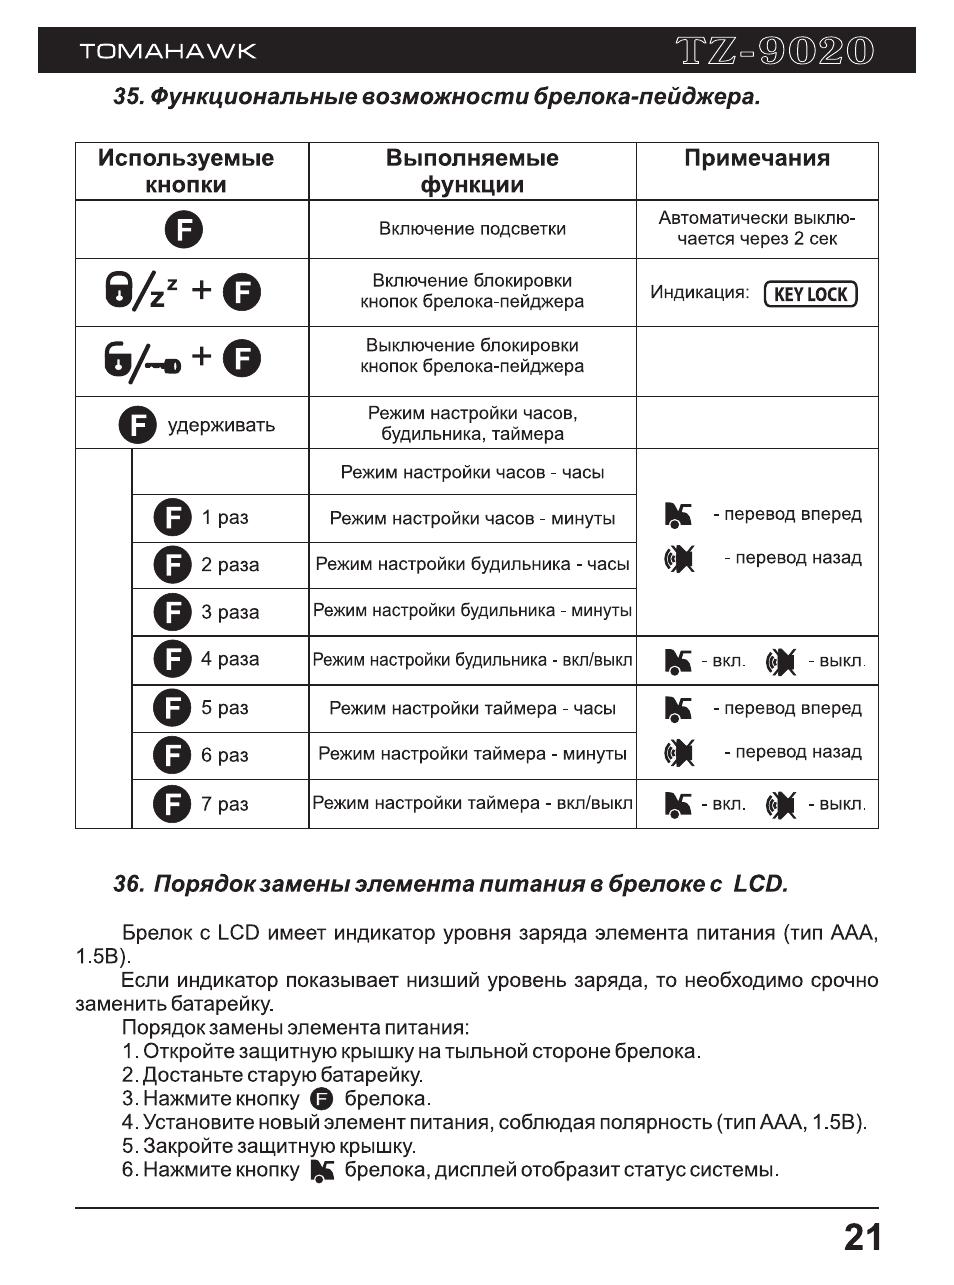 скачать инструкцию сигнализации томагавк 9.5